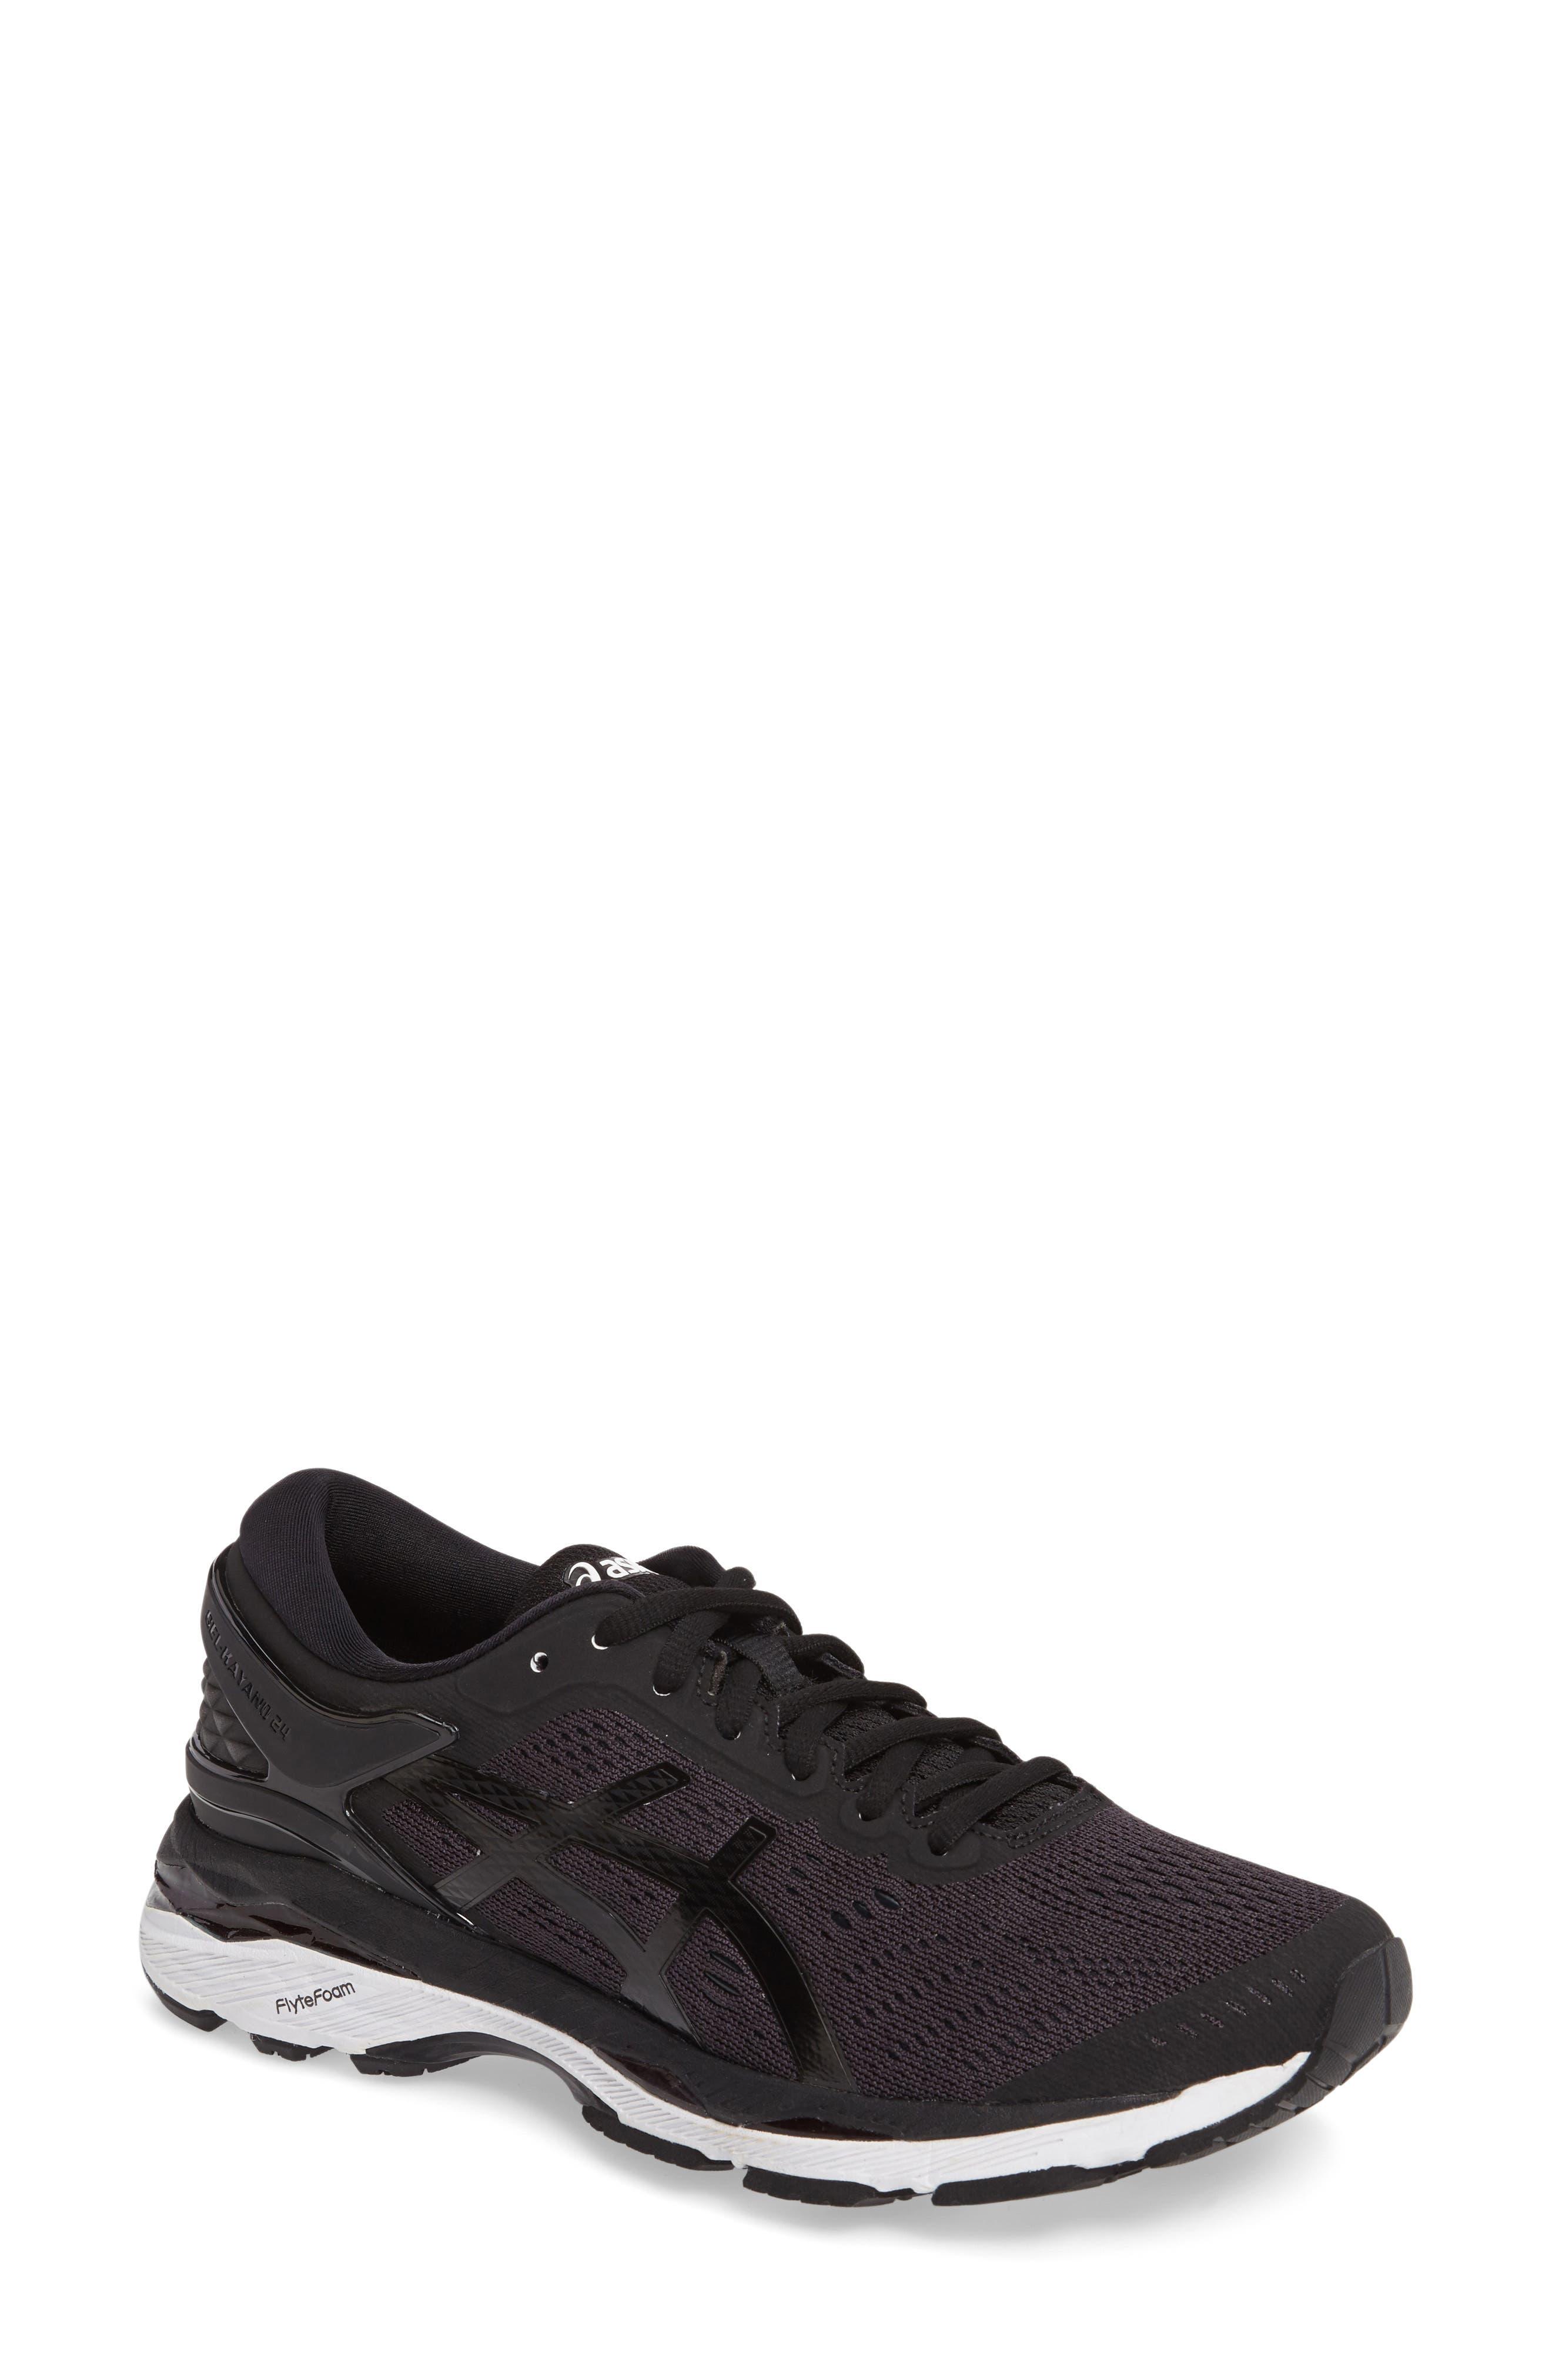 Main Image - ASICS® GEL-Kayano® 24 Running Shoe (Women)